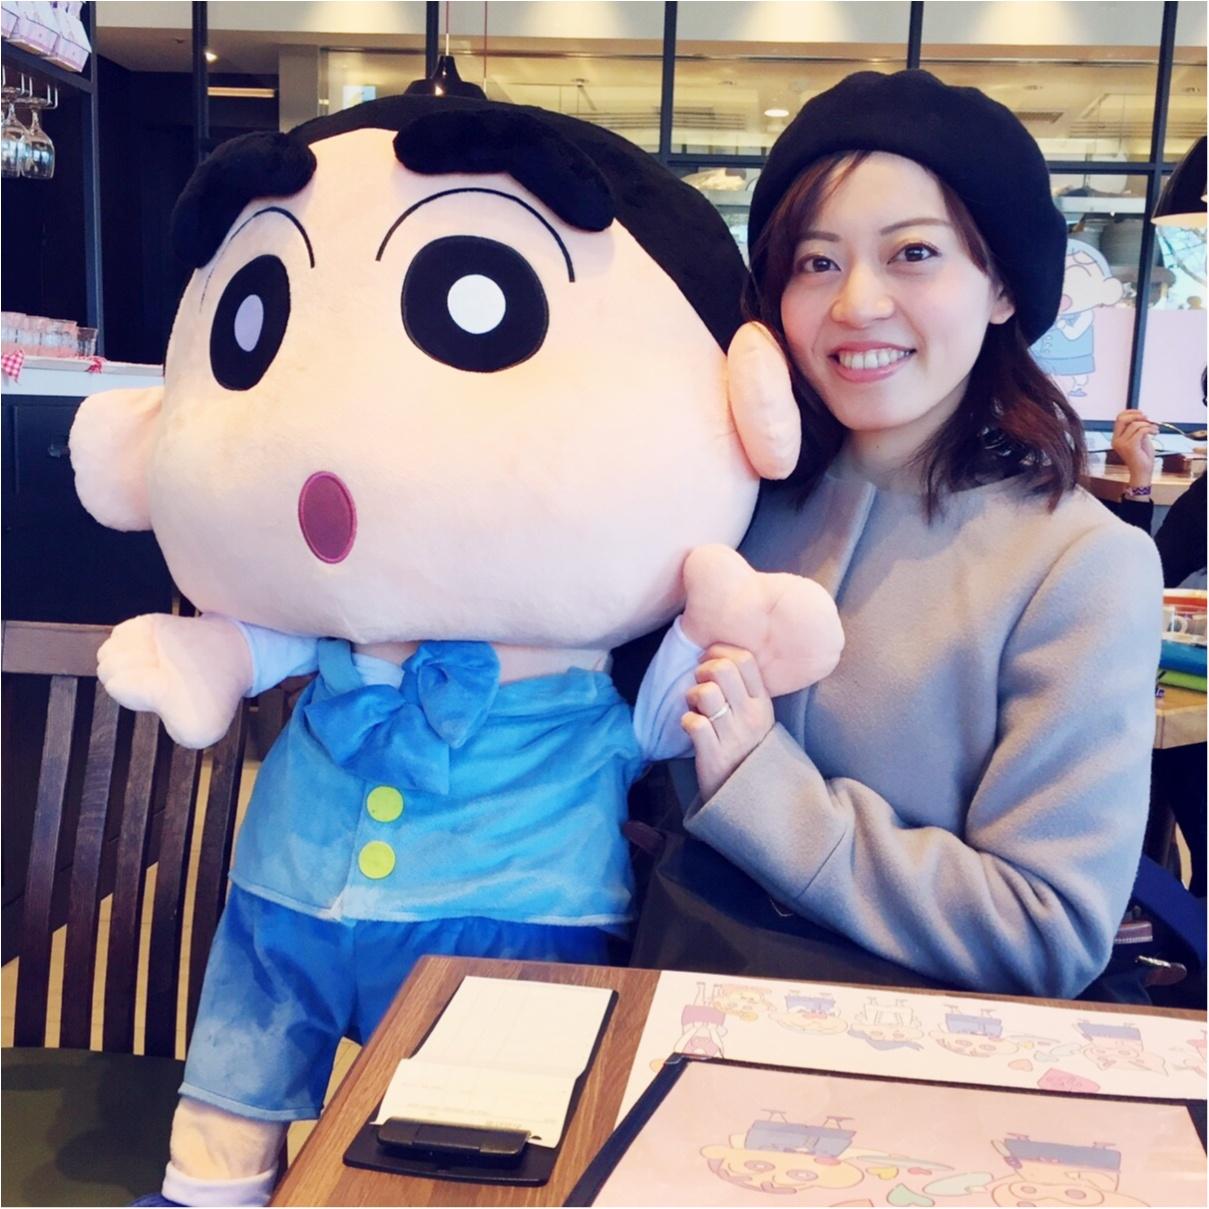 クレヨンしんちゃんコラボカフェ【ビストロオラマチ】に行ってきました♡_3